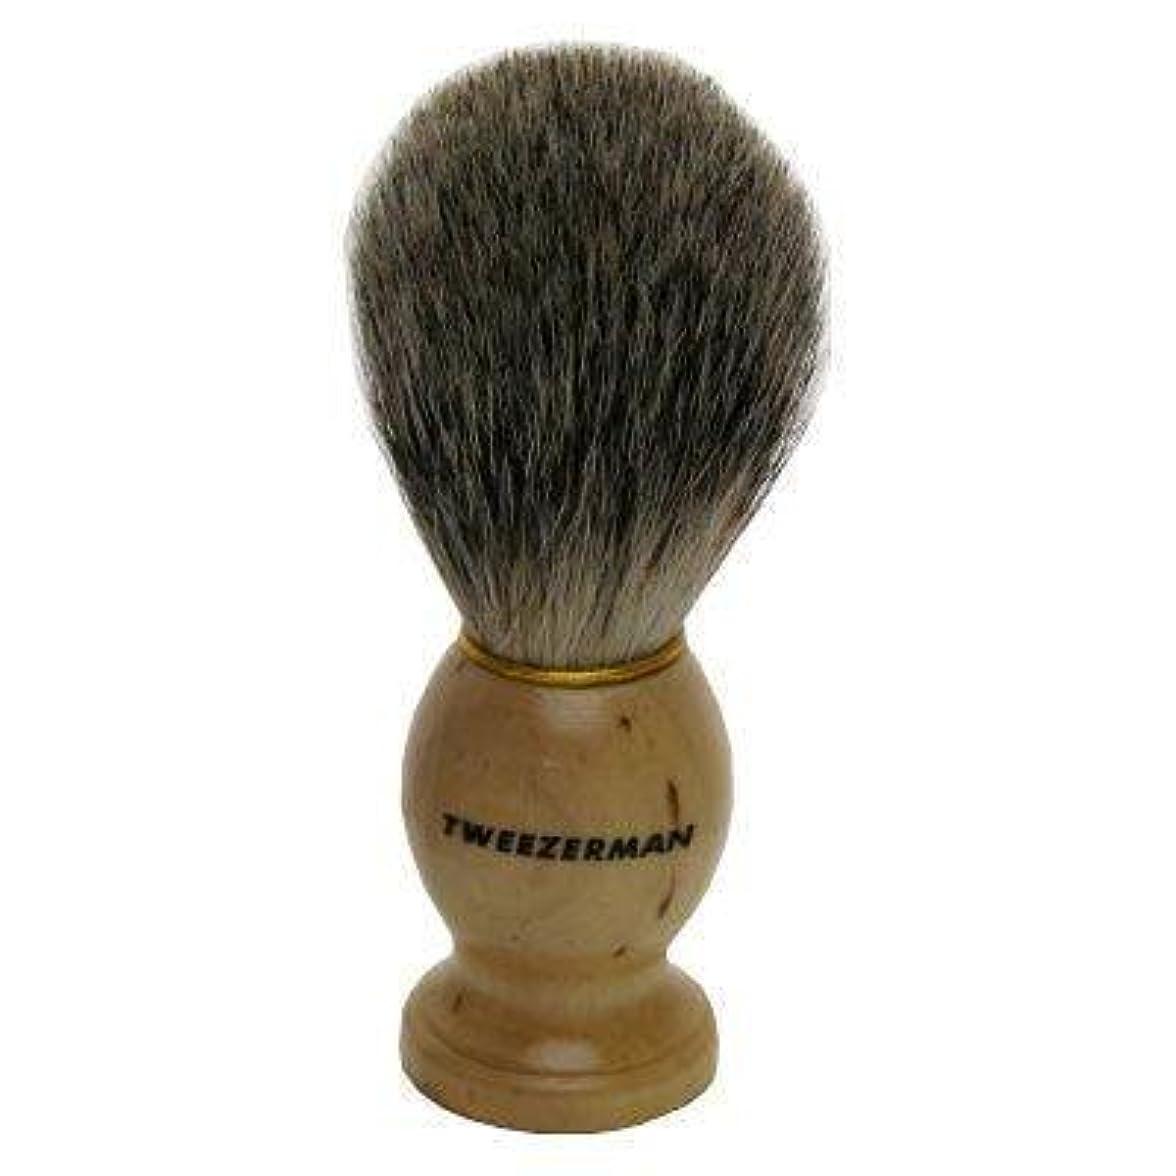 シンプルな豊富な襟Tweezerman メンズ シェービングブラシ(100%アナグマの毛)